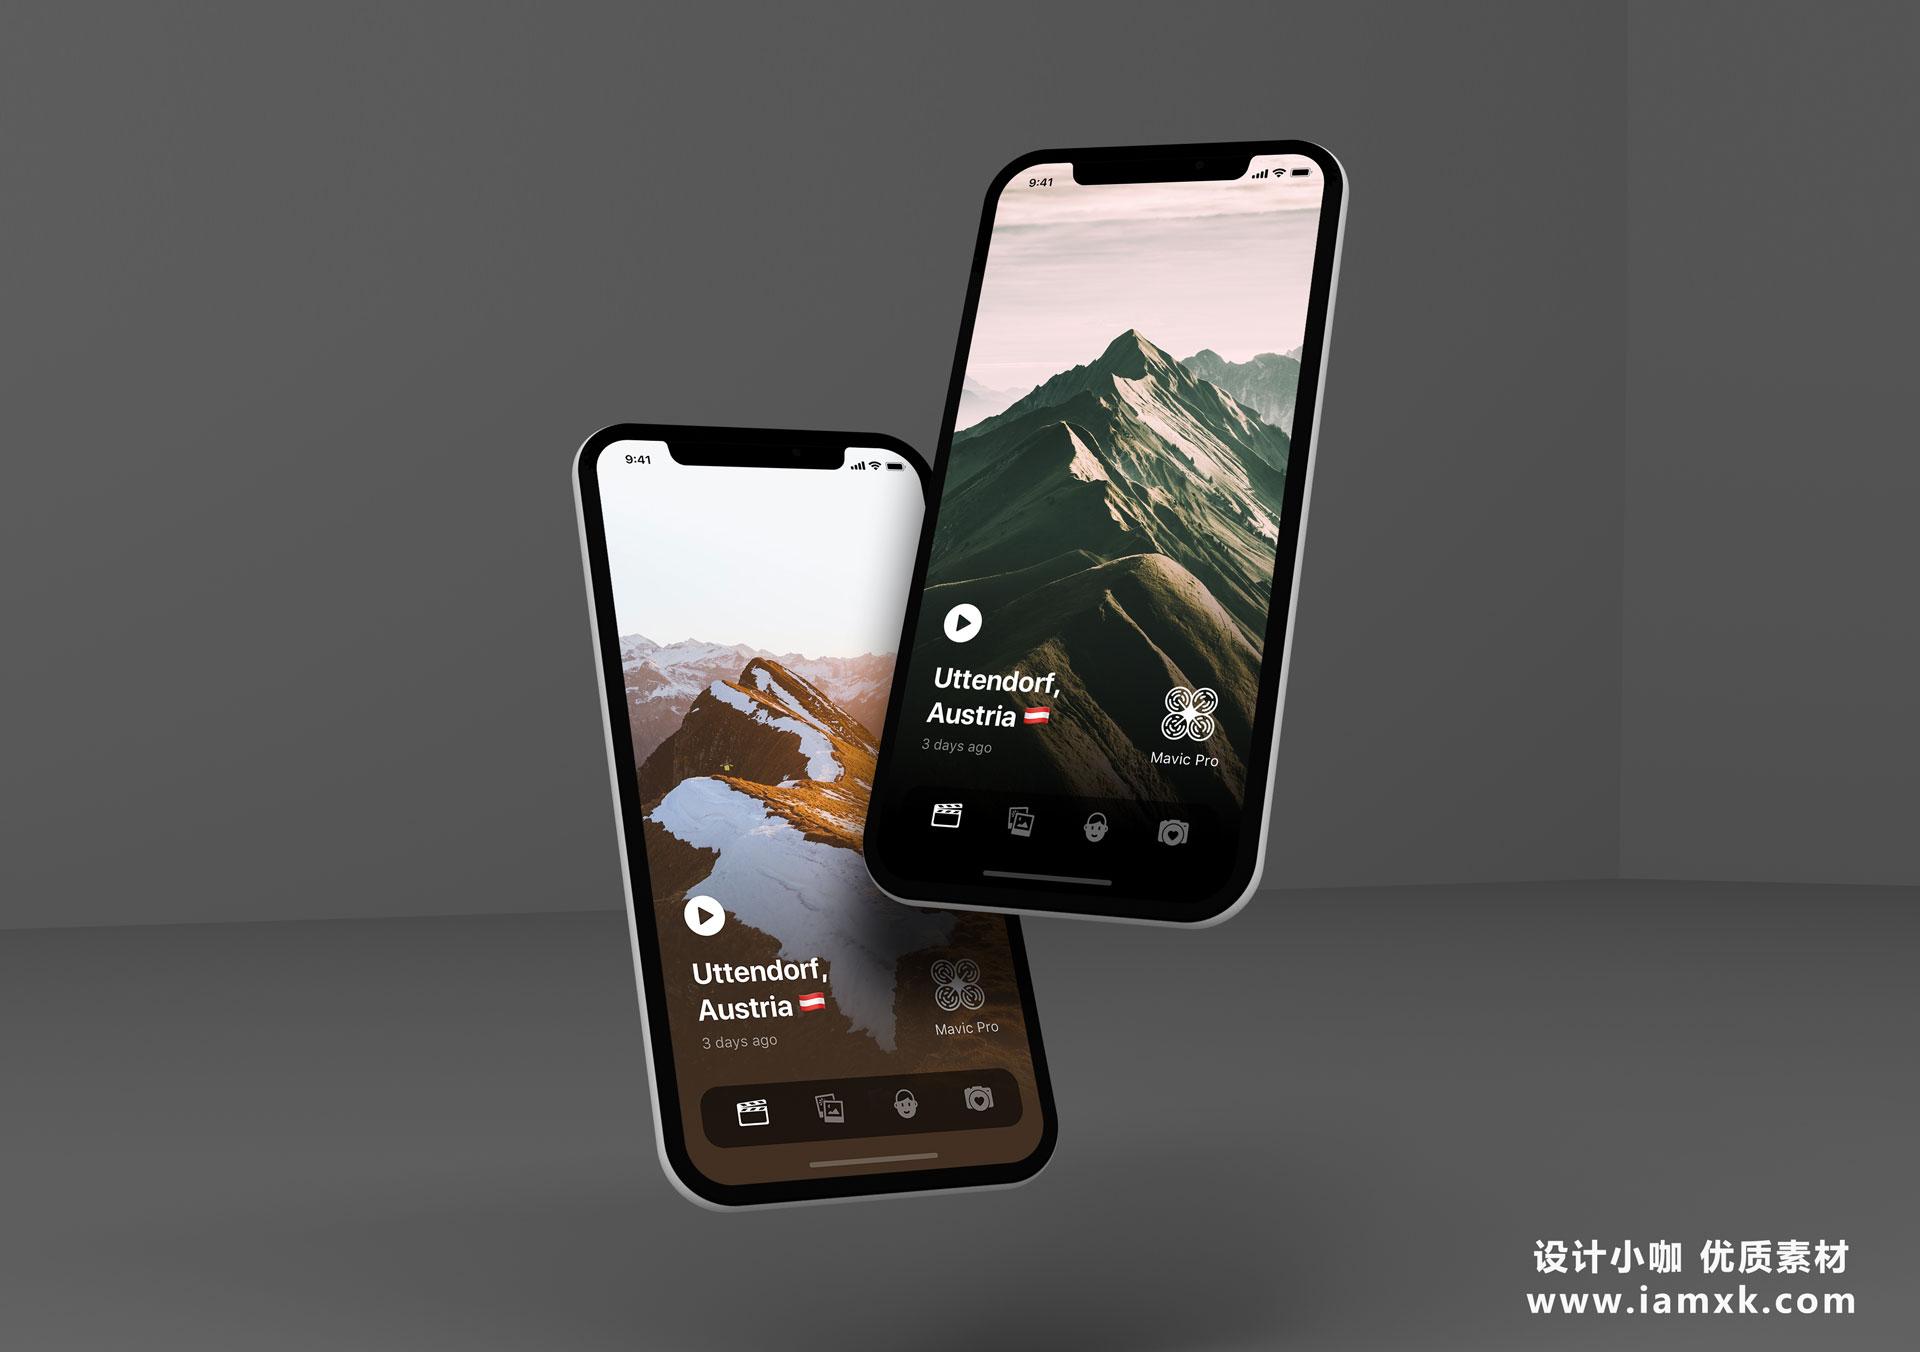 9f74a2865e73de1 - 苹果iPhoneX UI样机